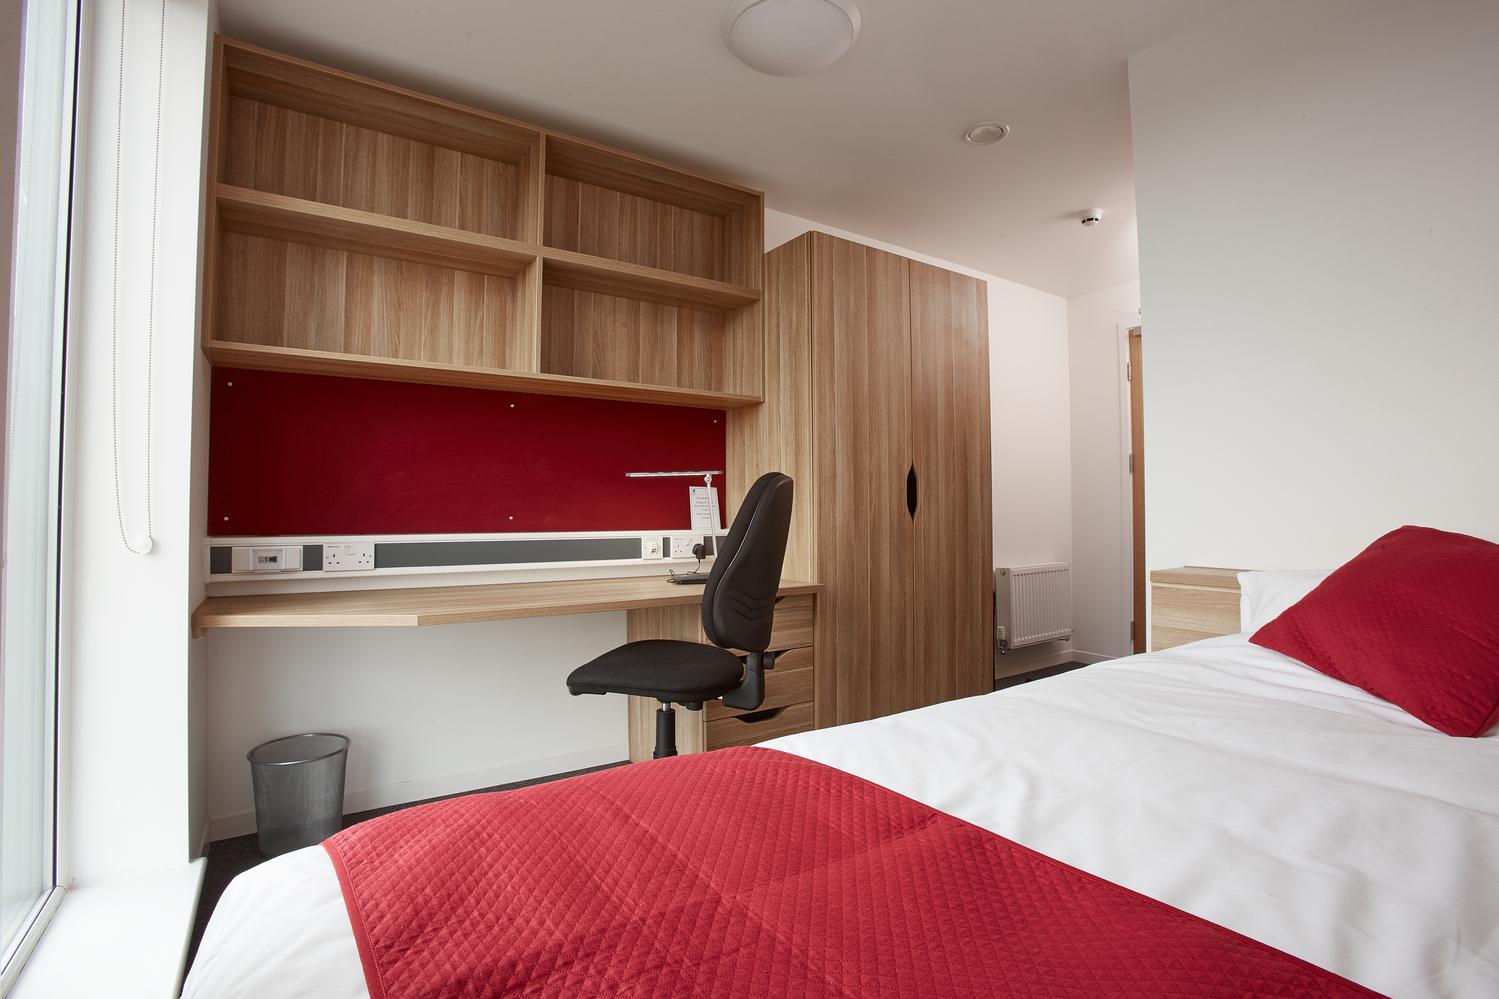 Birley.Cluster.Room_26240013_61902892